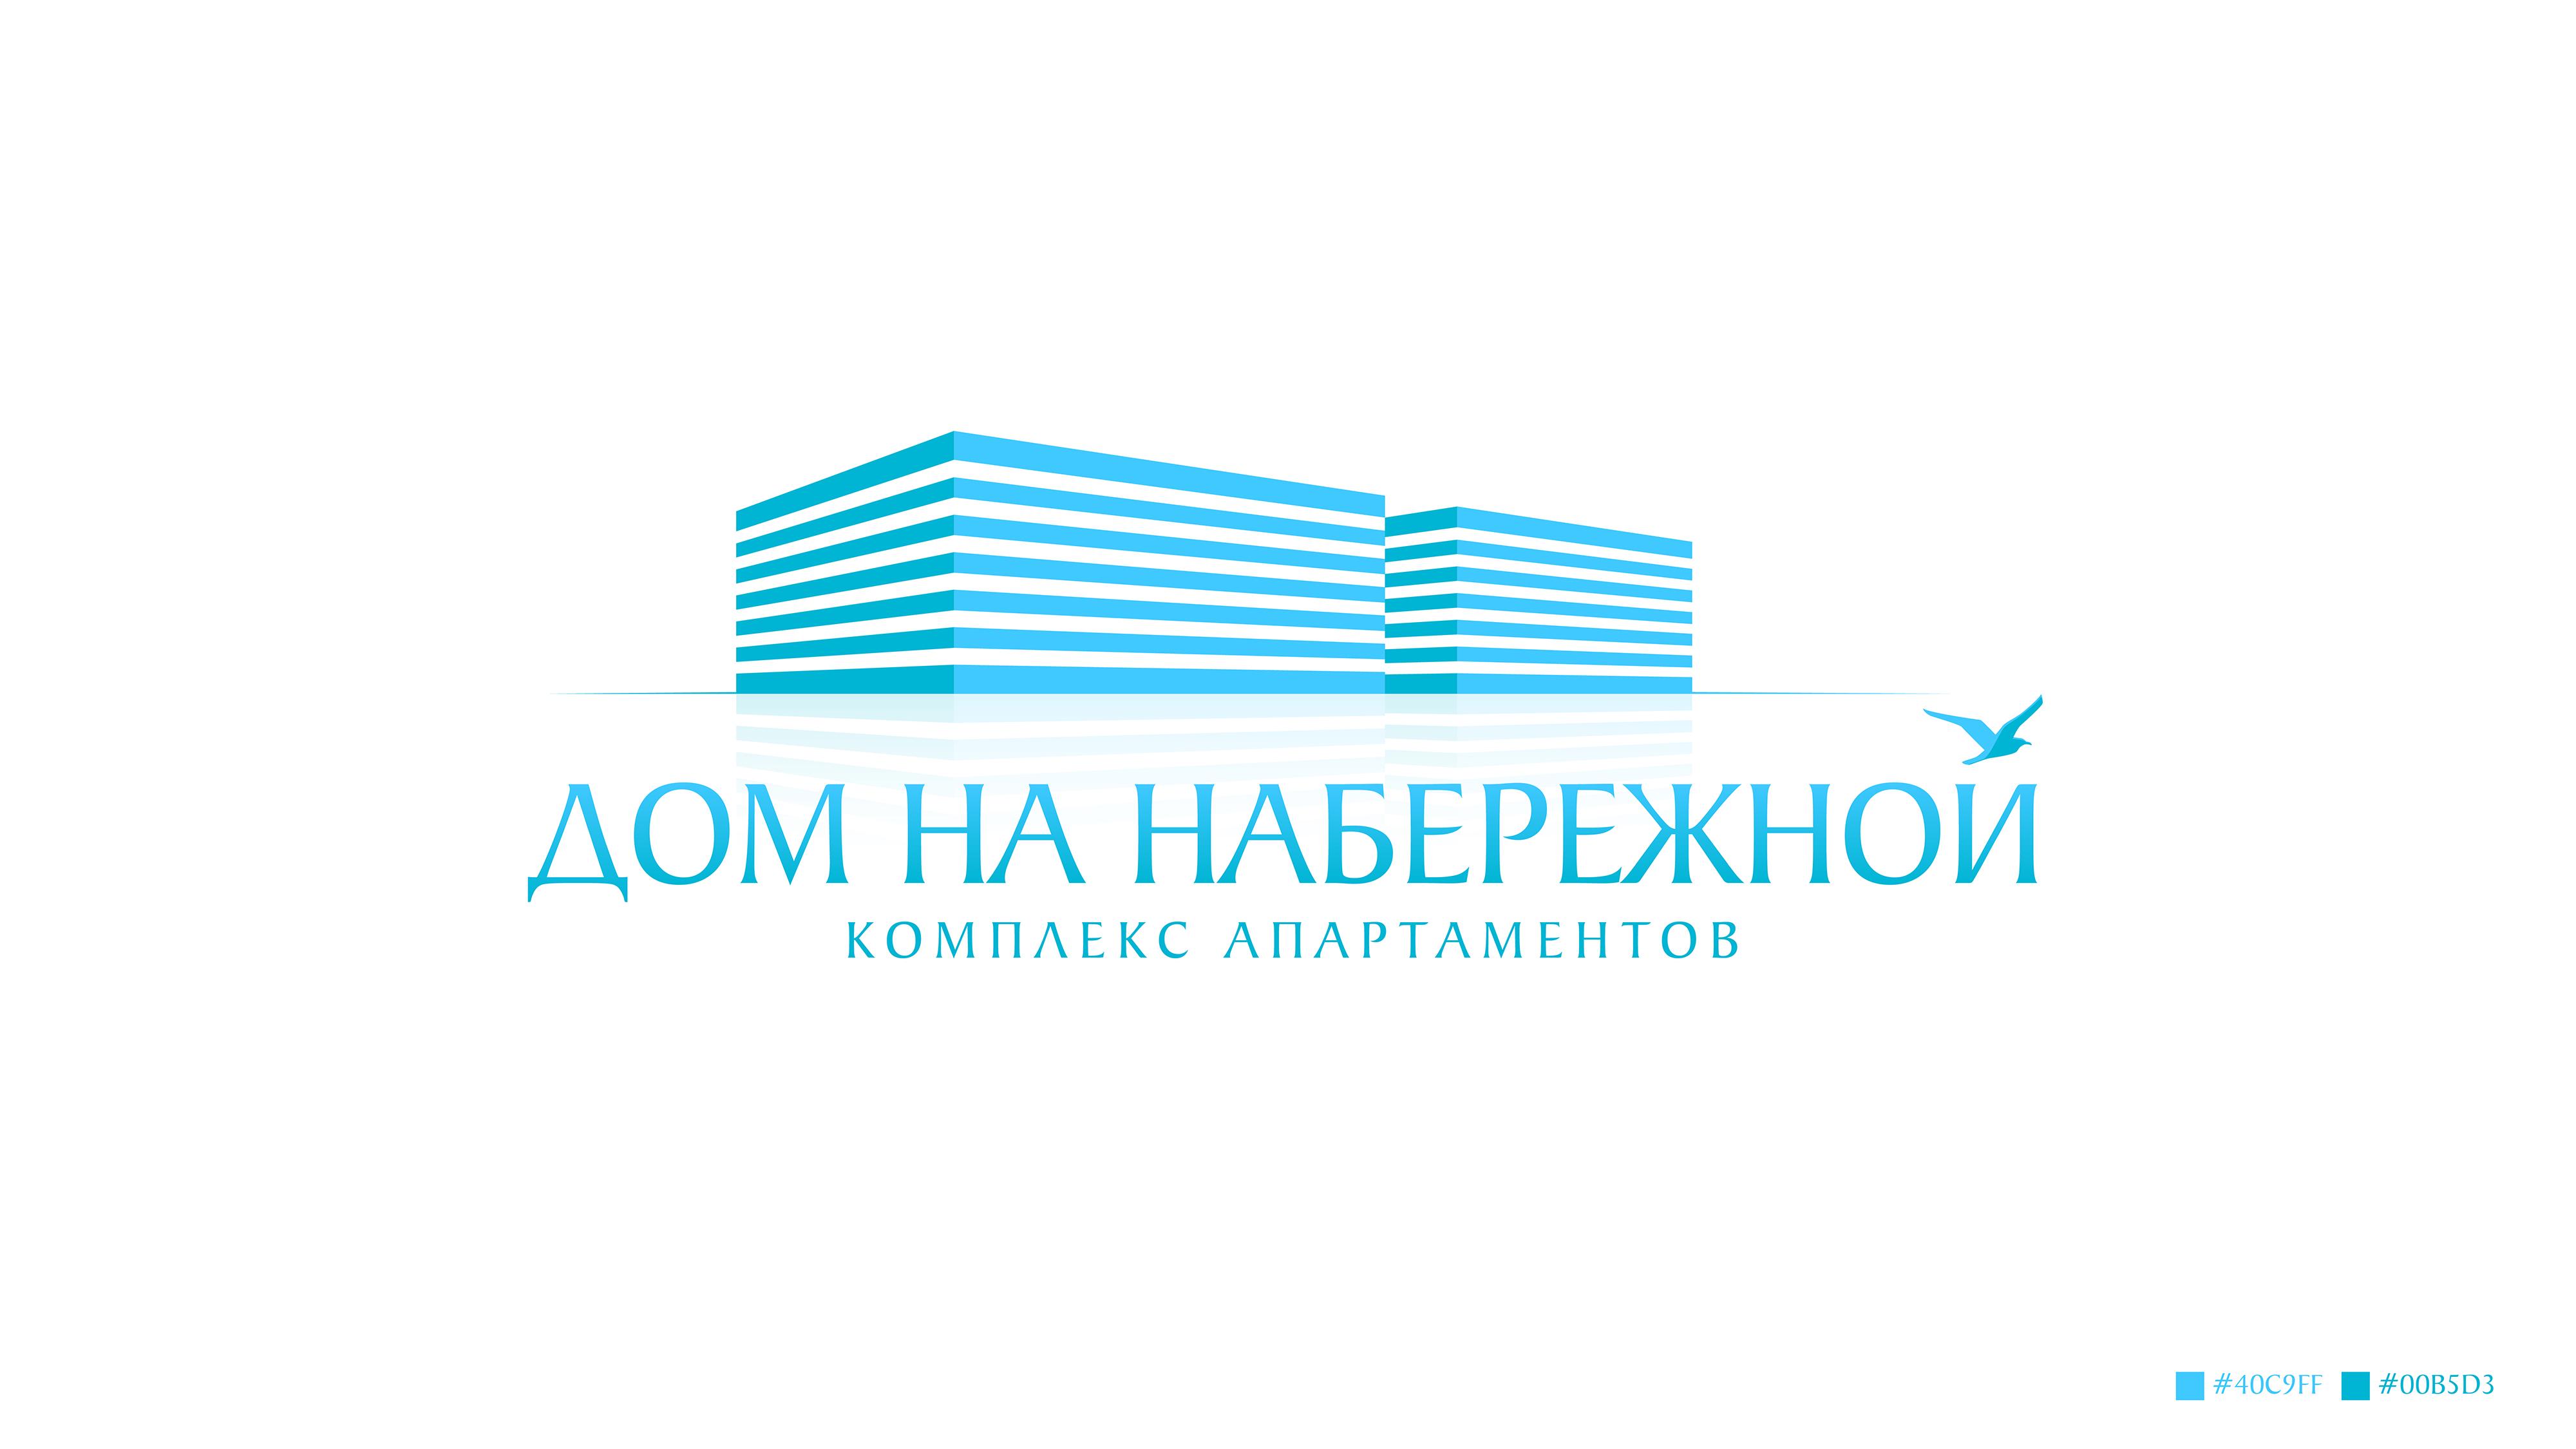 РАЗРАБОТКА логотипа для ЖИЛОГО КОМПЛЕКСА премиум В АНАПЕ.  фото f_5825dedec8711398.jpg